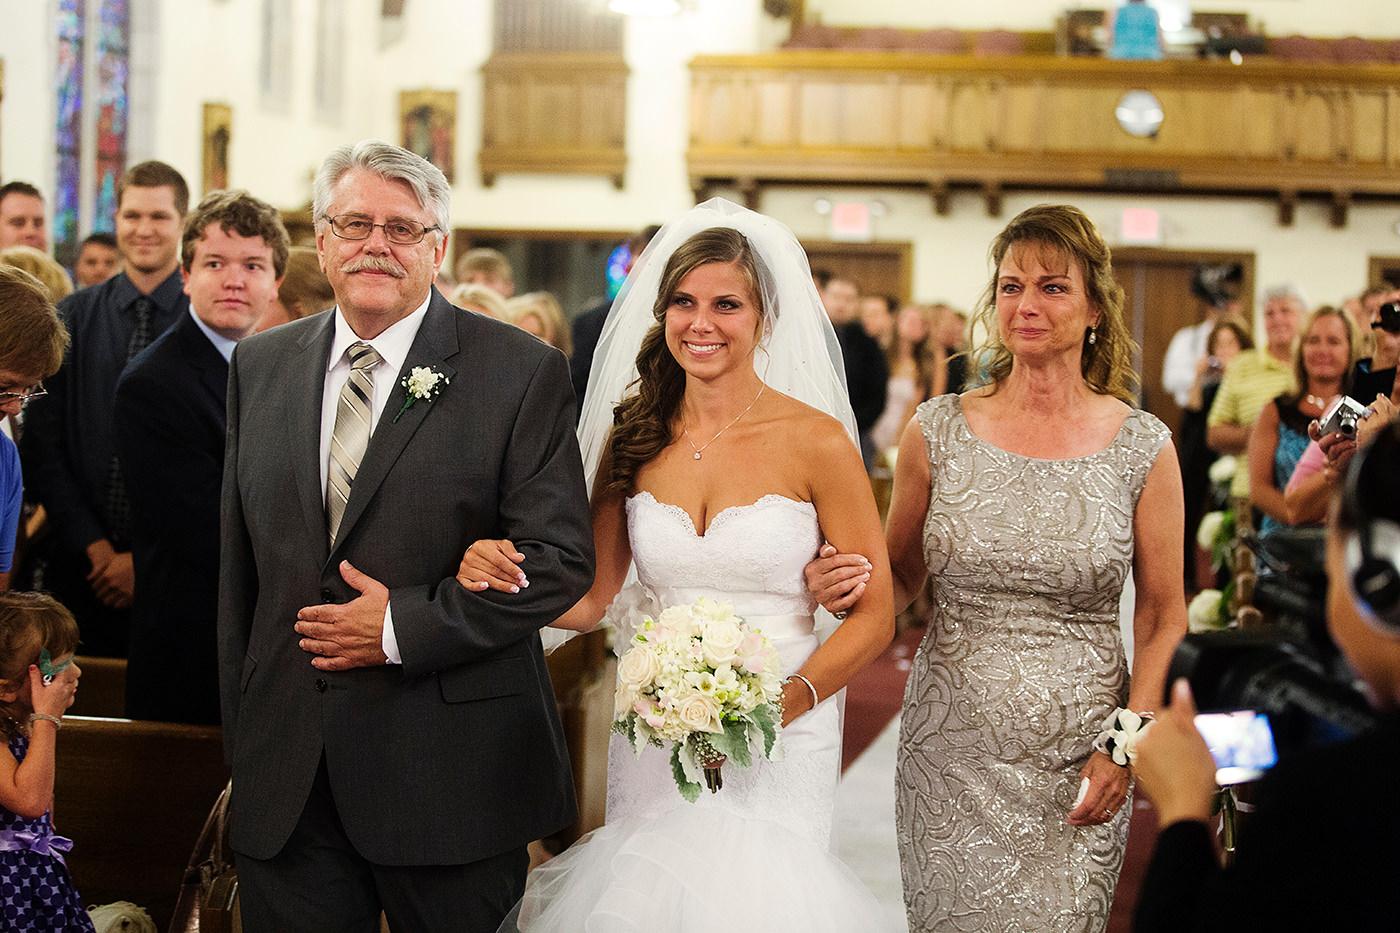 Ceremony---Parents.jpg